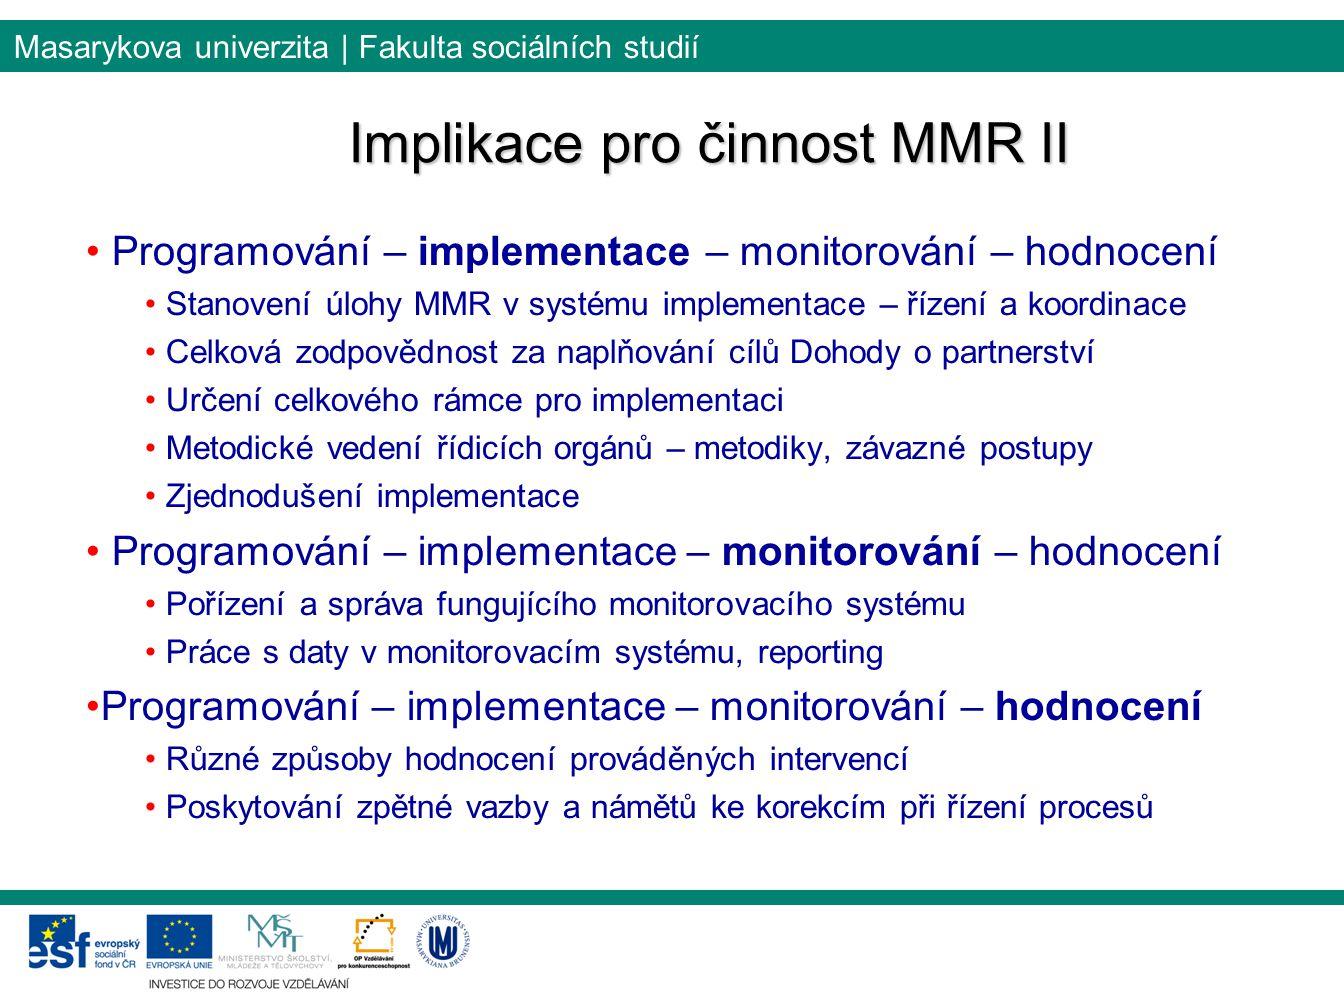 Masarykova univerzita | Fakulta sociálních studií Projednané vládou v létě 2011: Zvýšení konkurenceschopnosti ekonomiky.